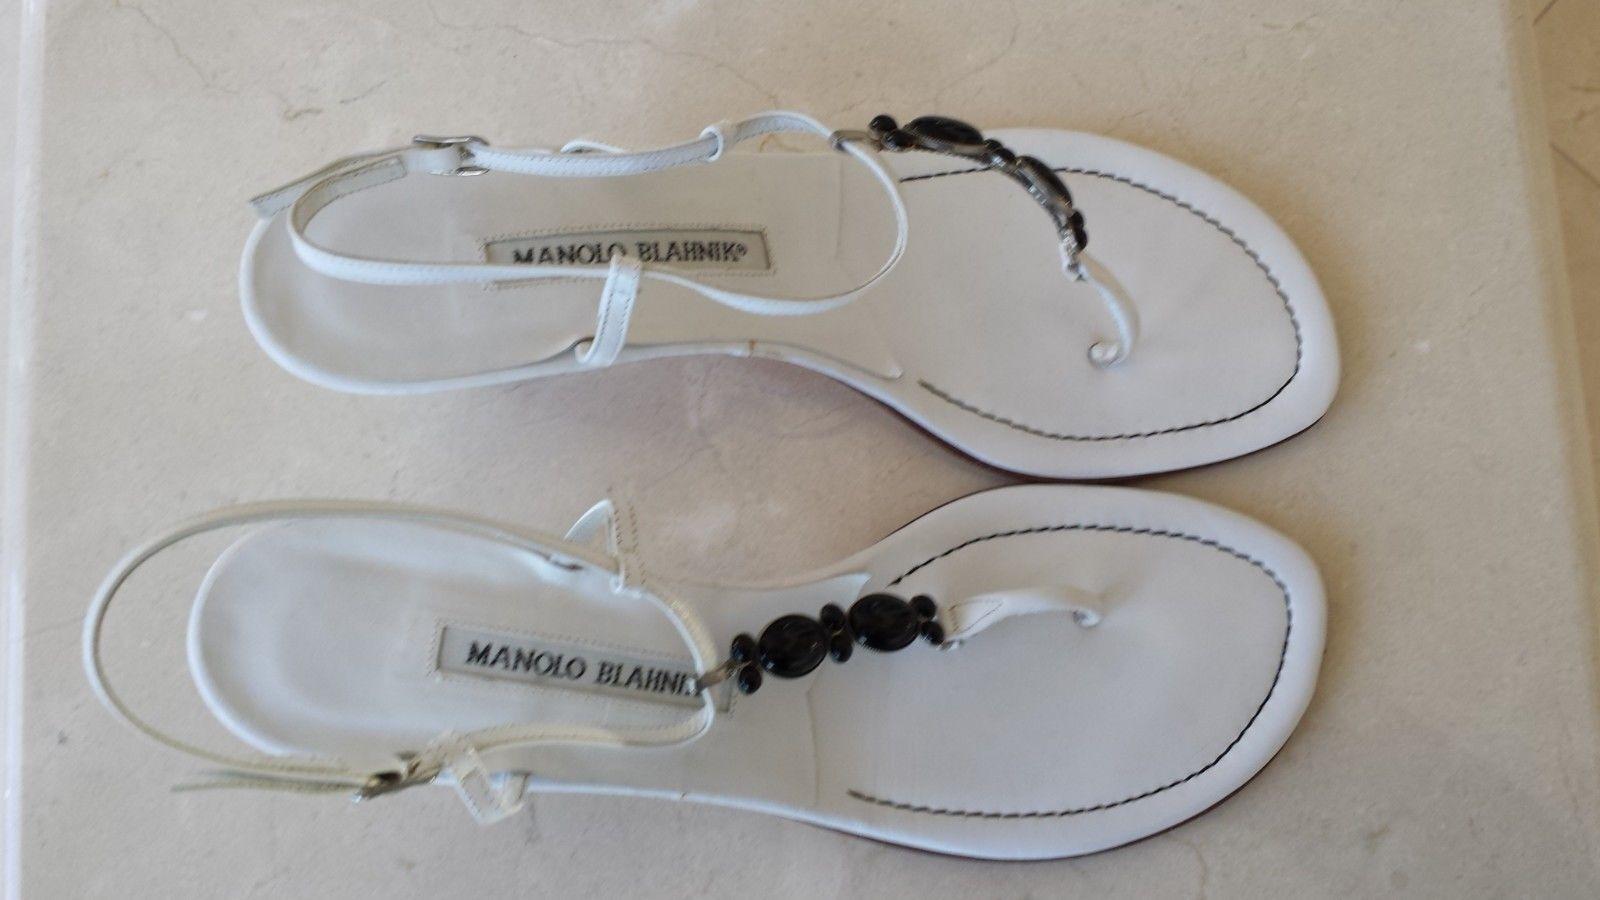 Manolo Blahnik blancoo Sandalias De Cuero Negro Con Cuentas Adorno Adorno Adorno Tacones 39 9  entrega rápida